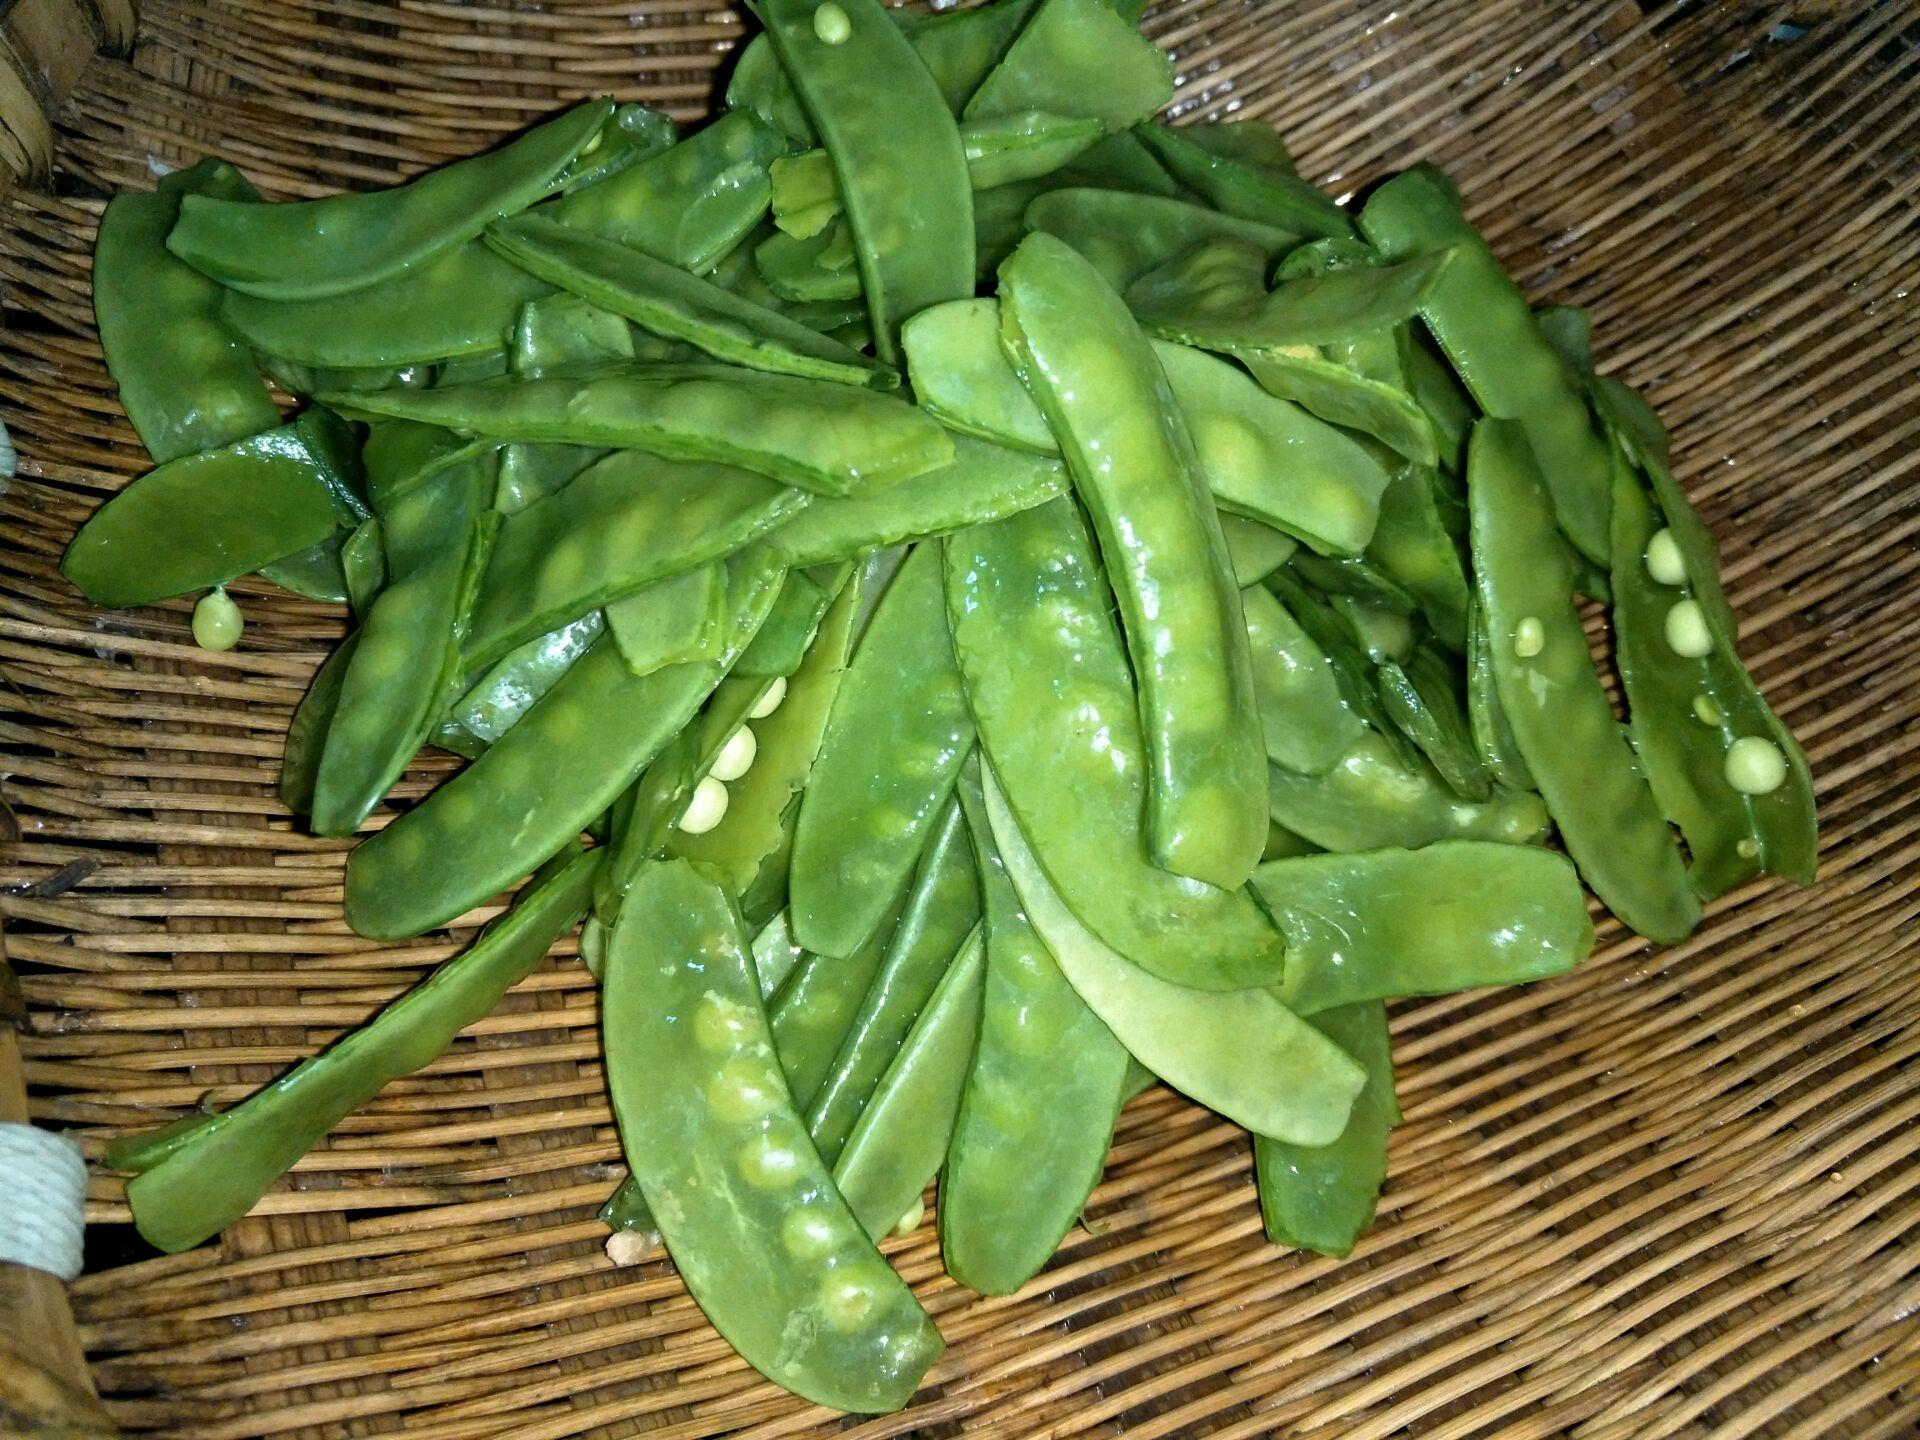 用豌豆荚怎么root_清炒豌豆荚的做法_【图解】清炒豌豆荚怎么做如何做